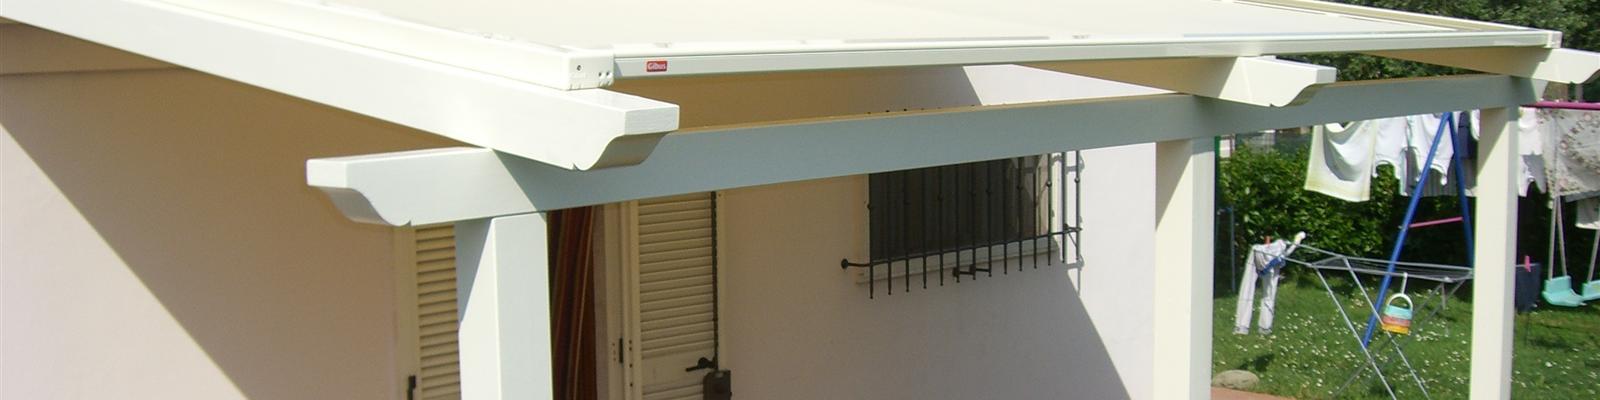 Aral tendaggi prodotti tende verticali tende alla for Tende per pergolati